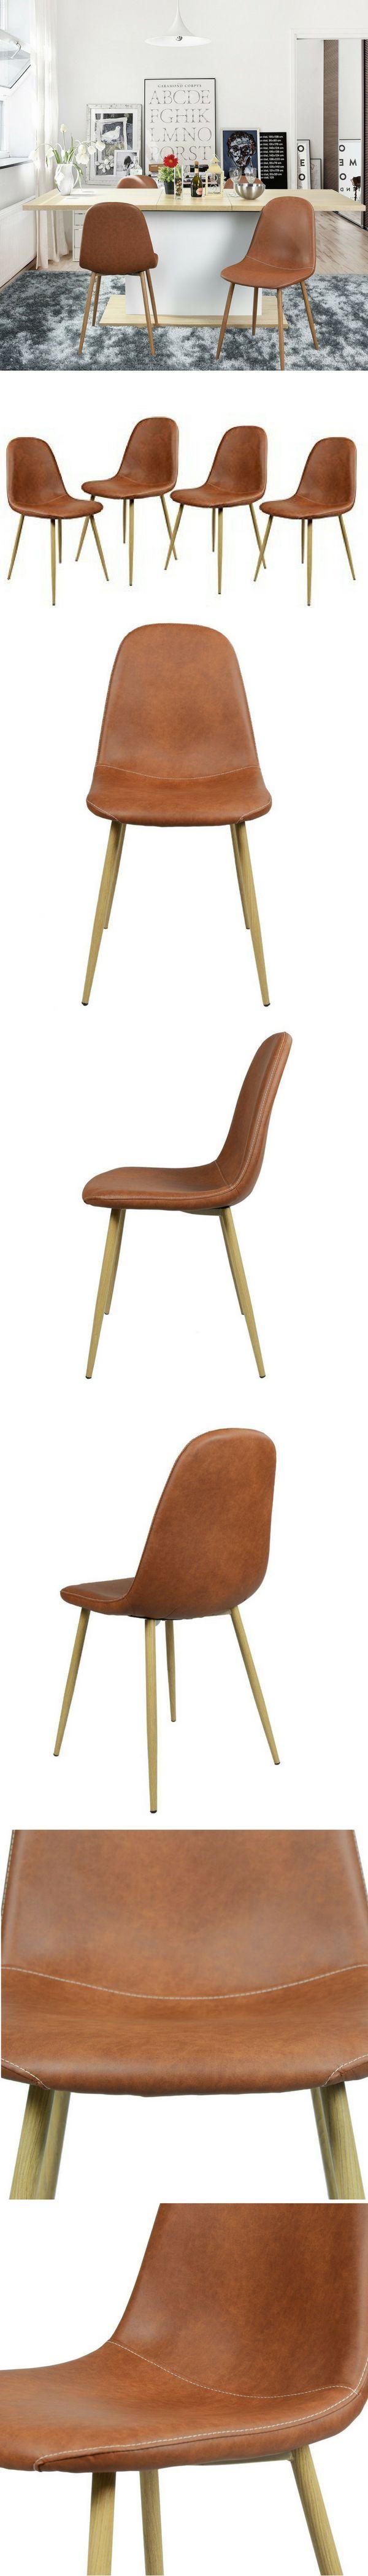 Table rectangulaire en bois clair chaises scandinaves et suspension - Ce Lot De 4 Chaises Scandinaves En Cuir Marron Est Seulement 126 99